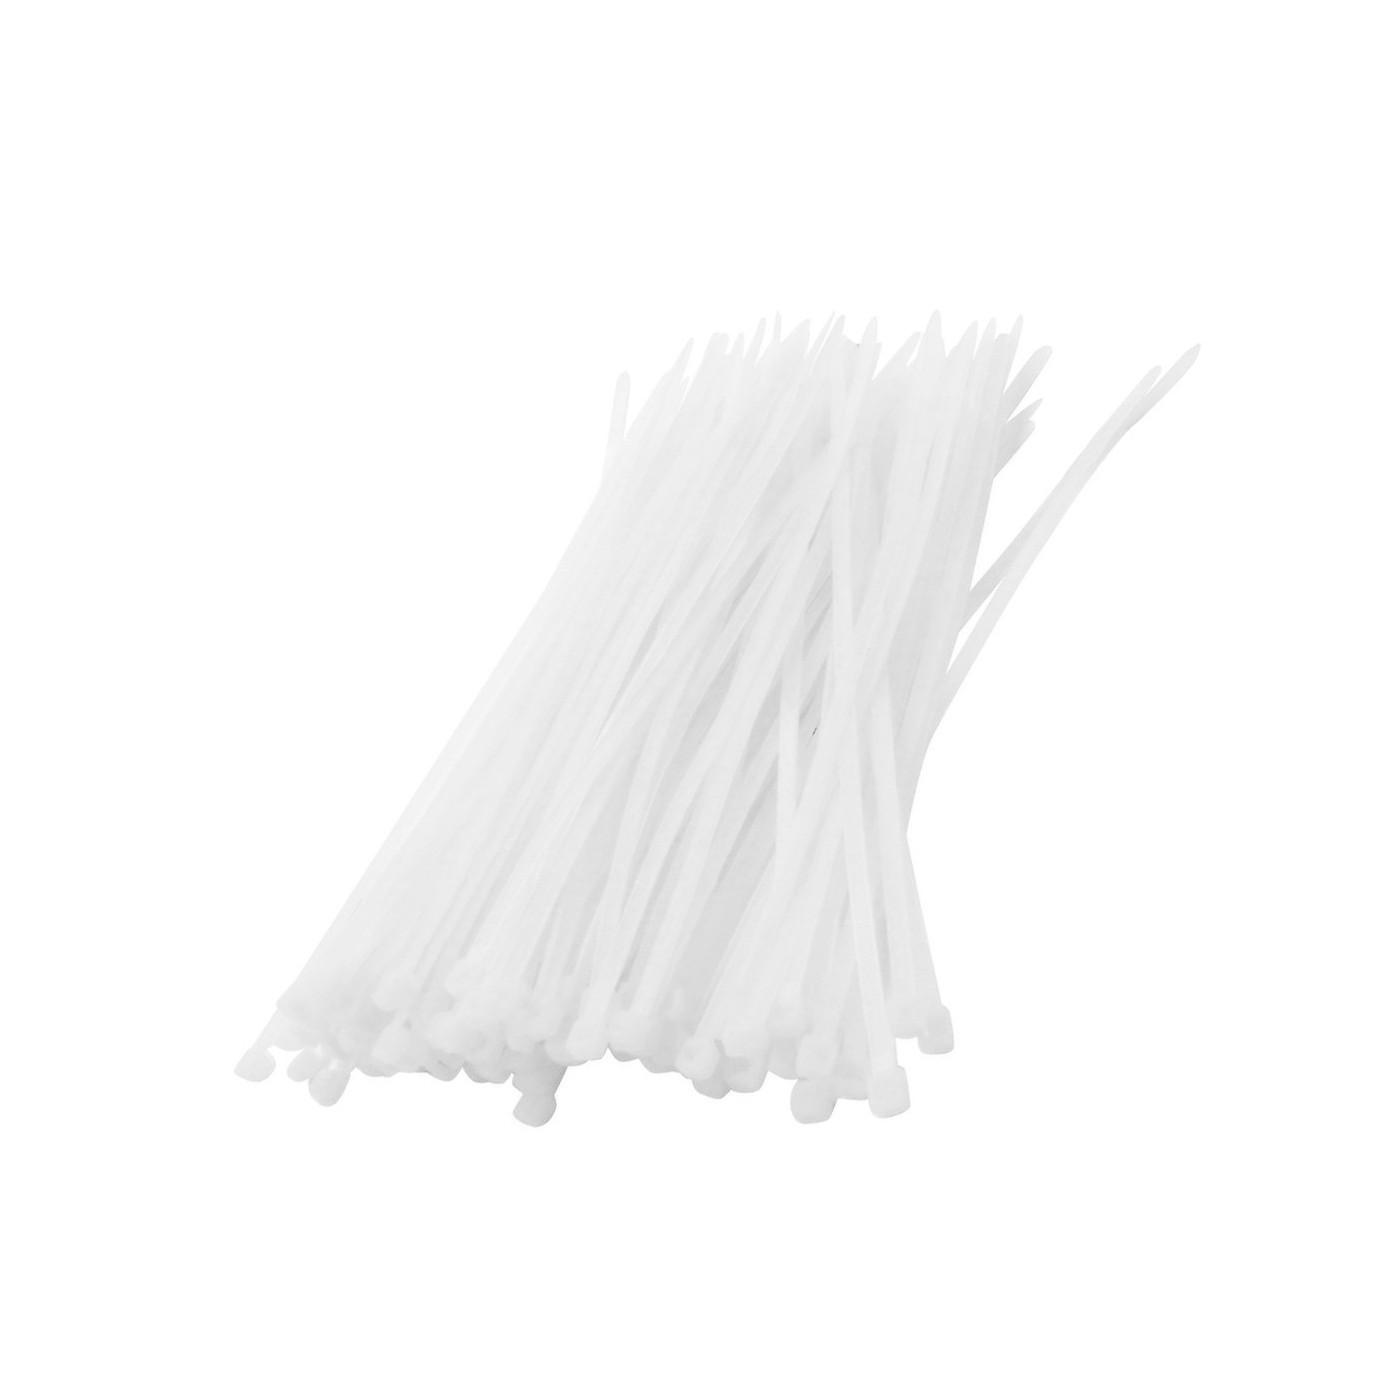 Set of 300 tie wraps (white)  - 1